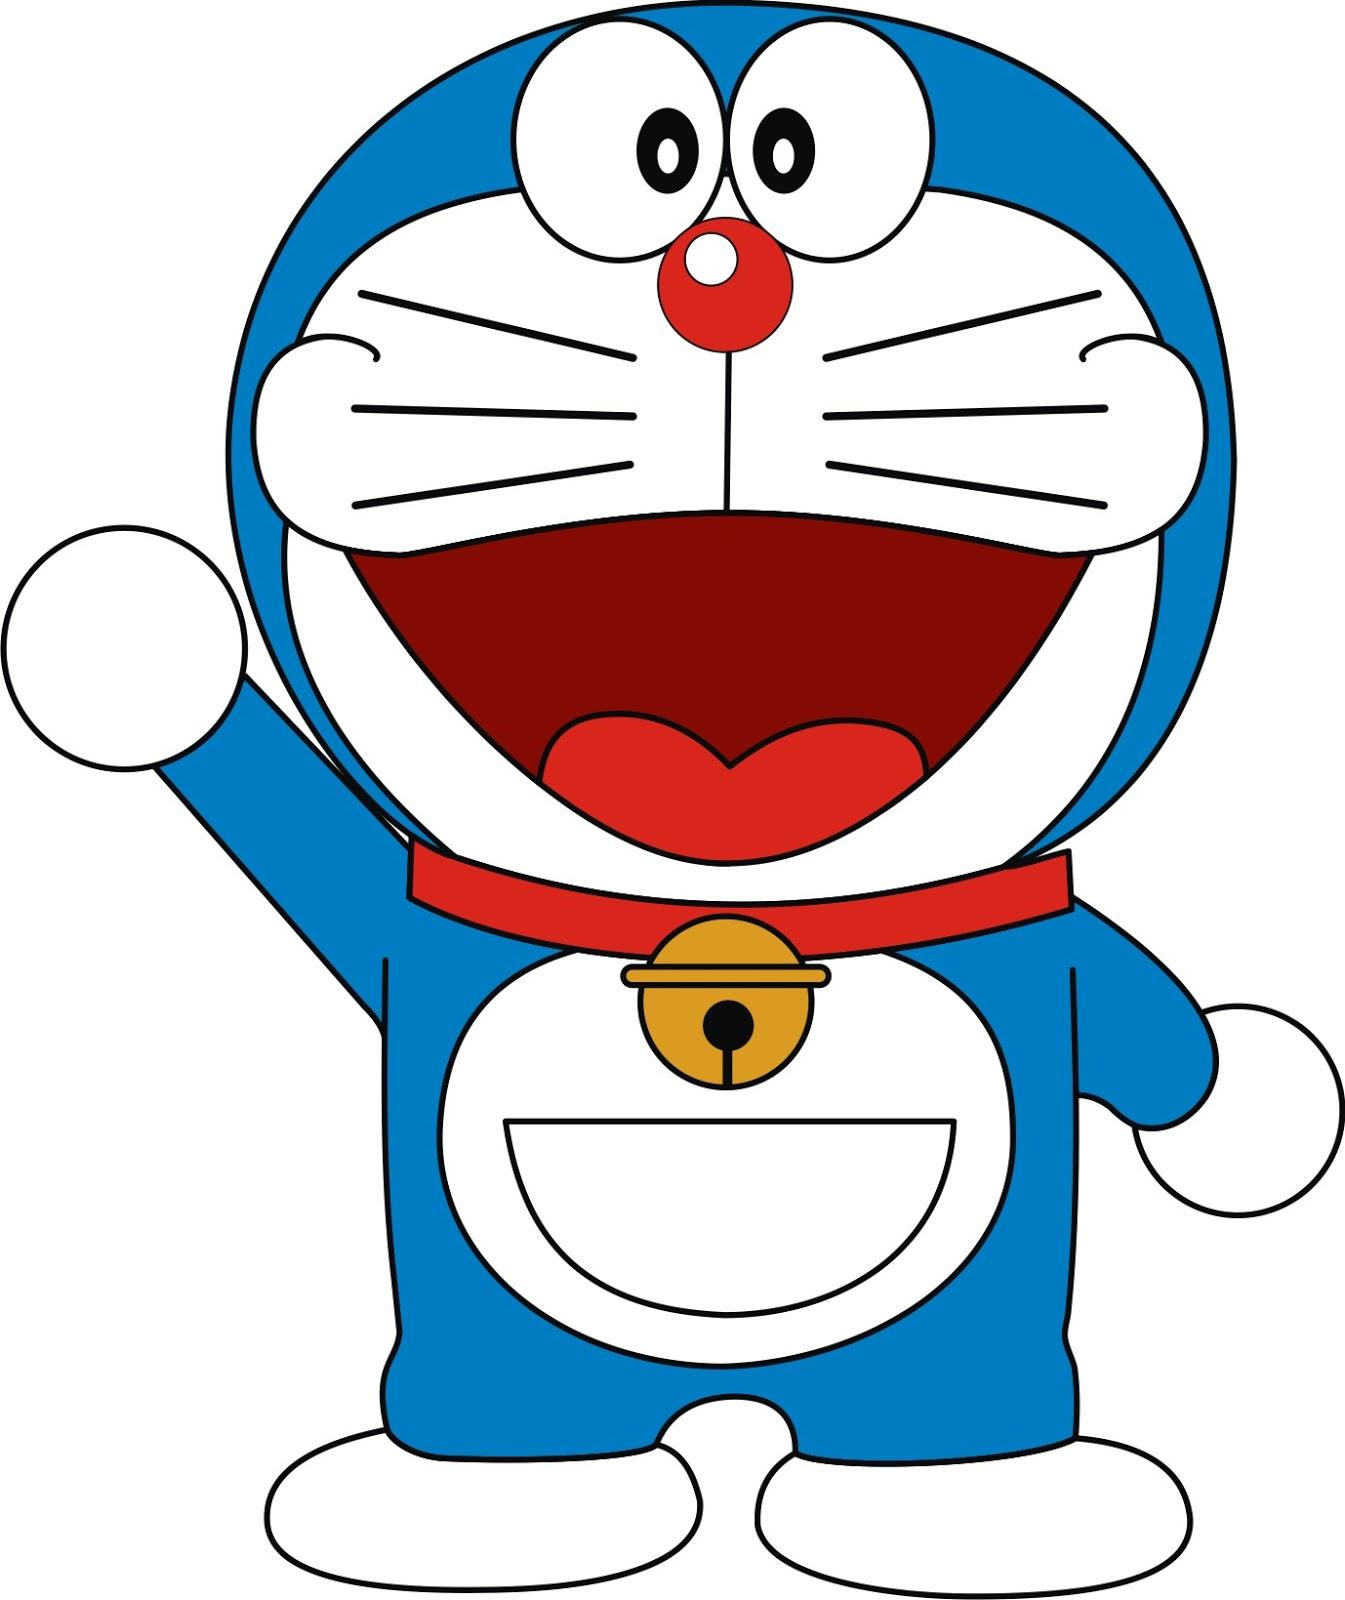 saya sediakan gambar vektor Doraemon, silahkan di download . Trims